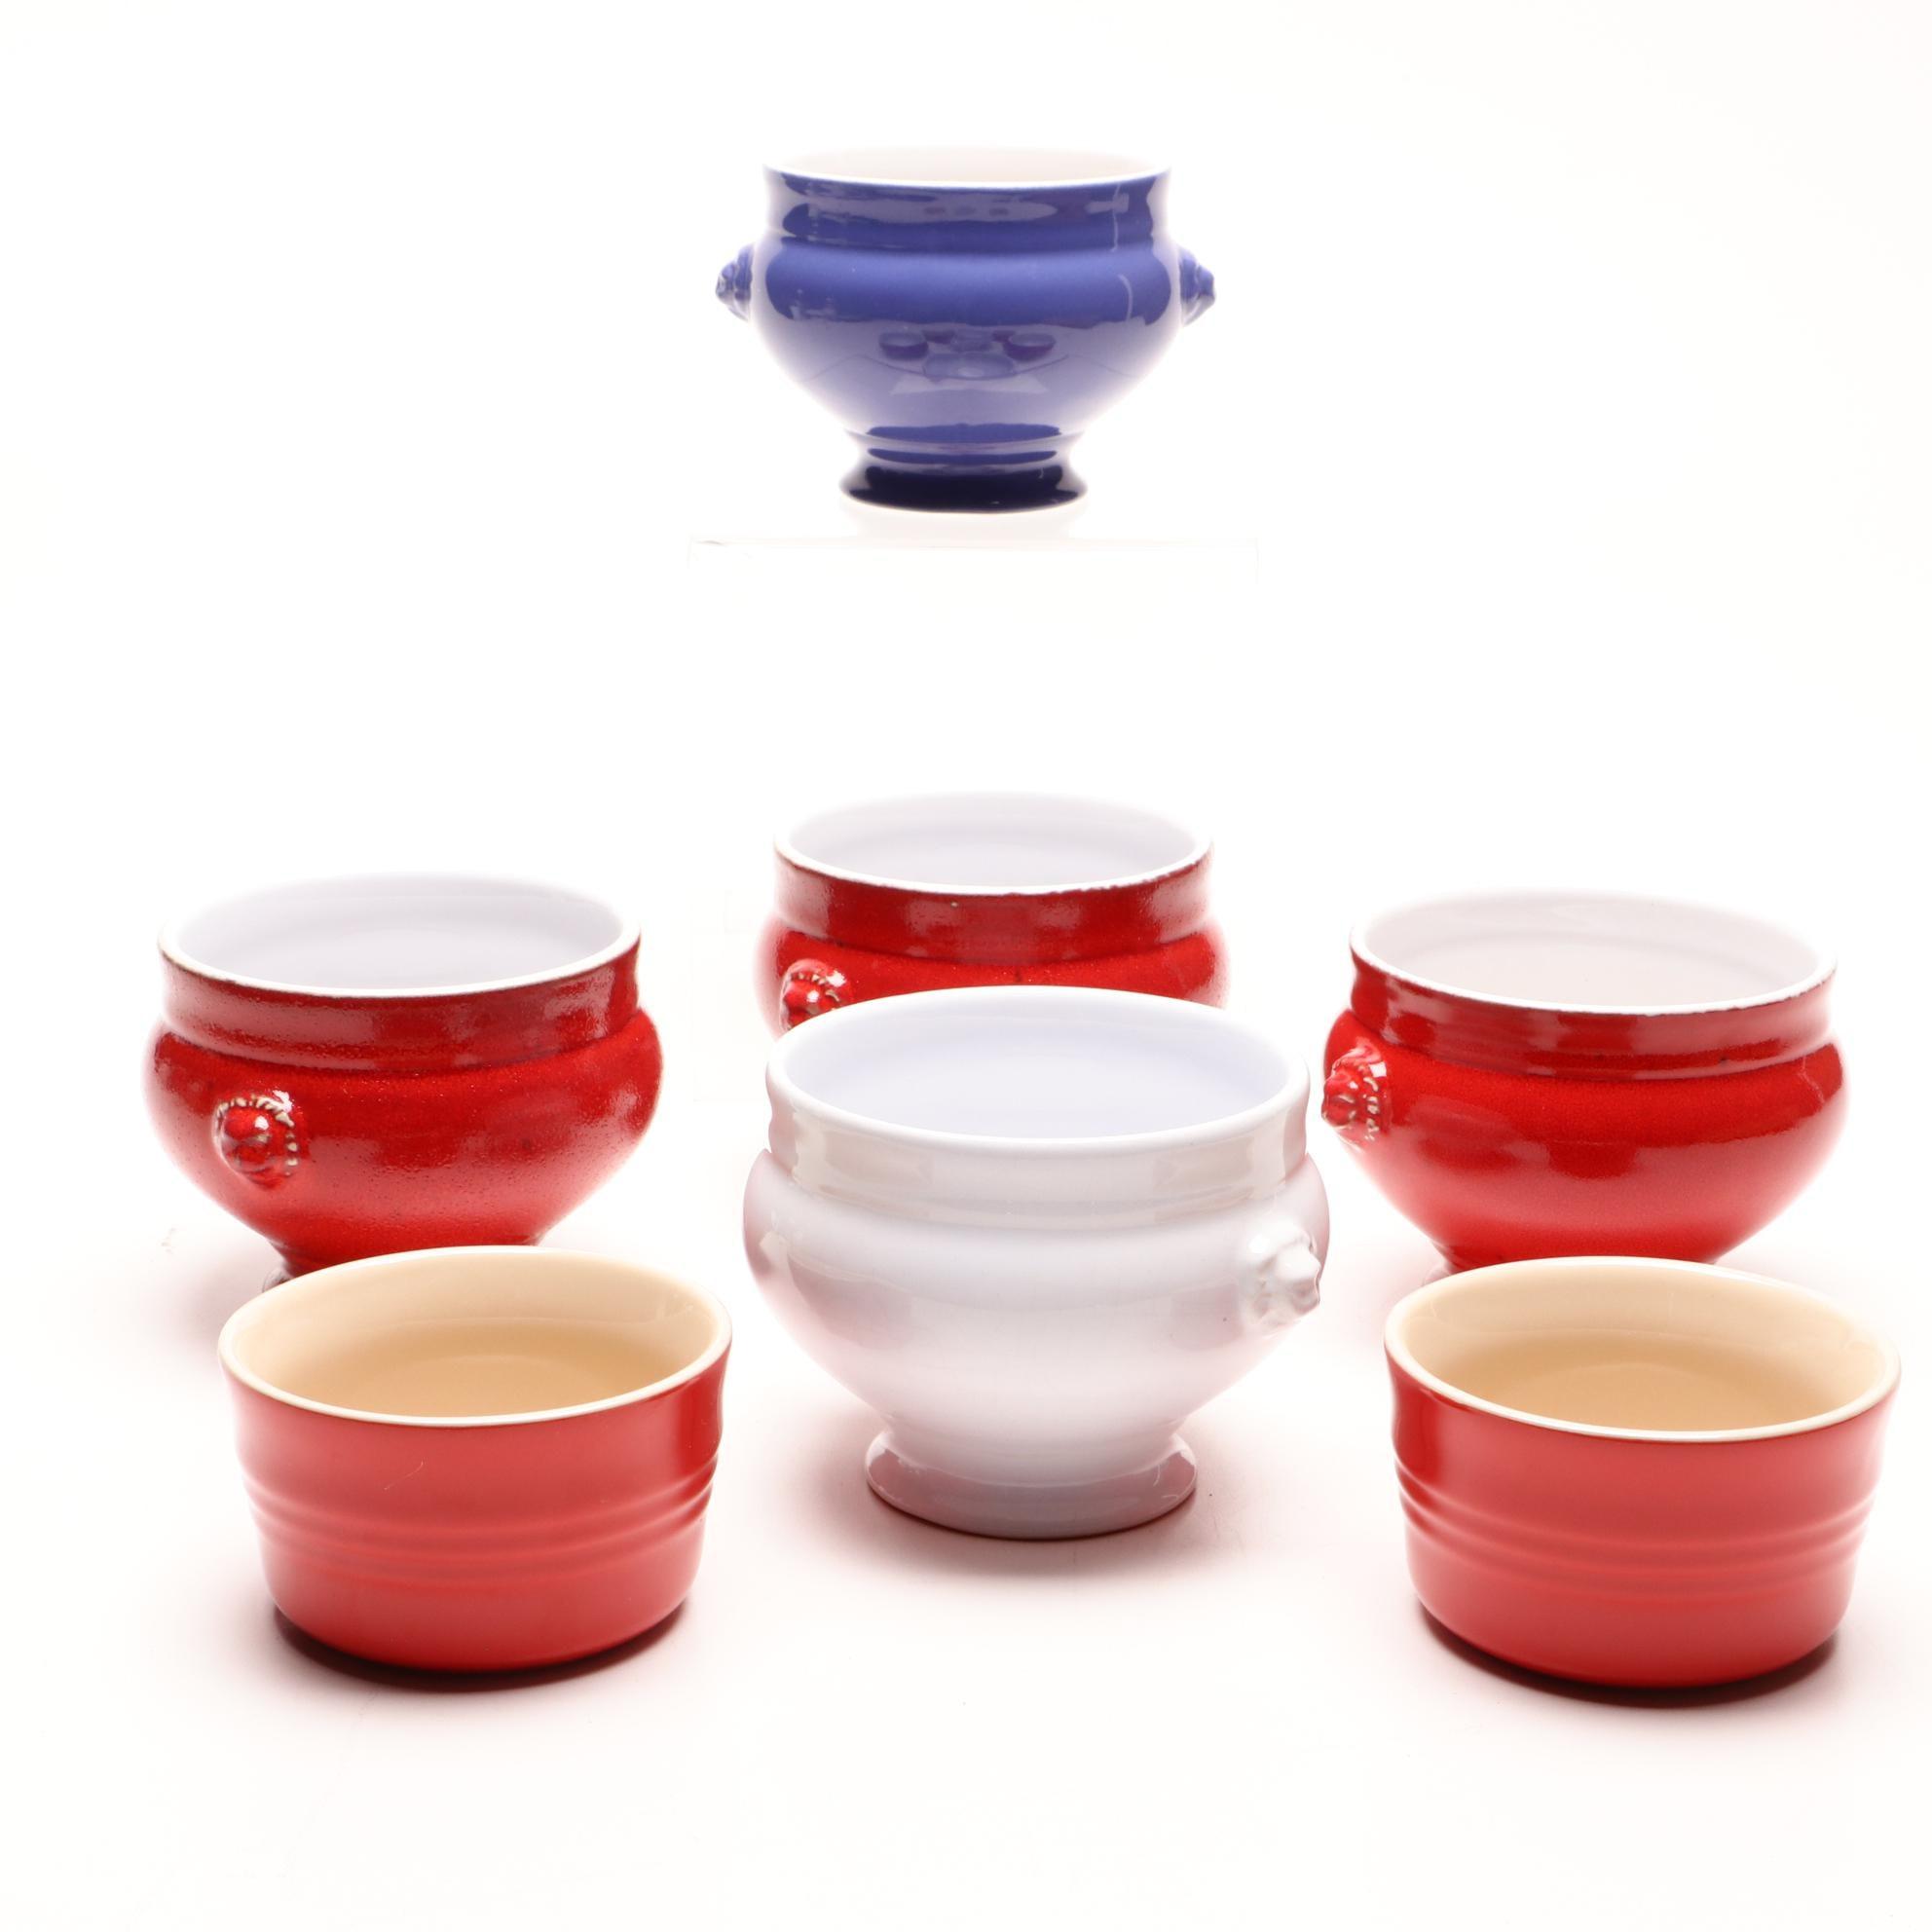 Le Creuset Ramekins and Emile Henry Lion Head Soup Bowls